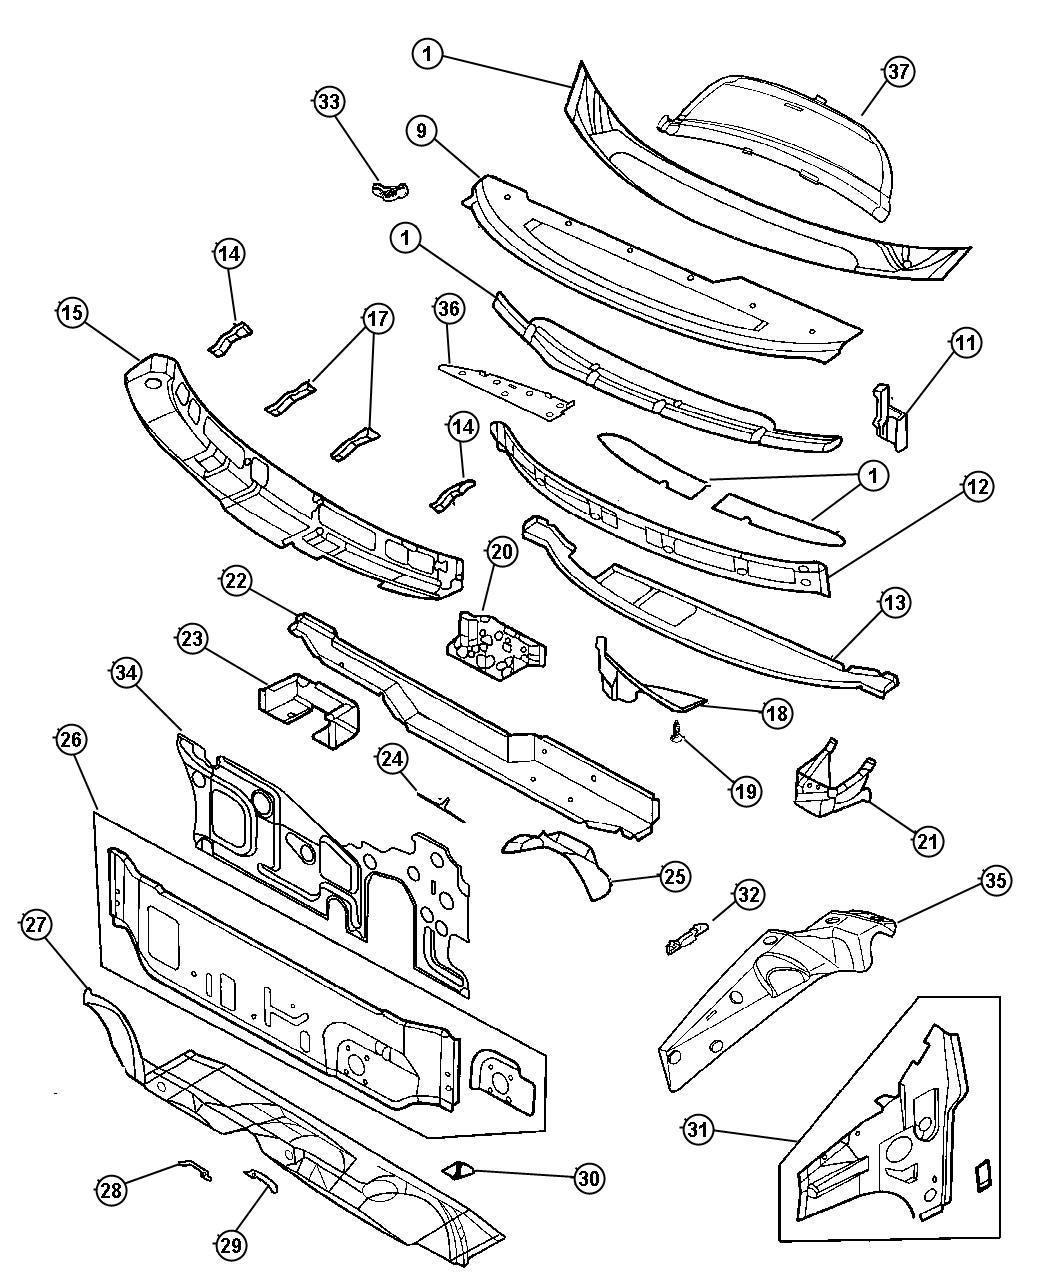 Chrysler Sebring Nut Plastic M5x1 60 Carpet Attaching Insert Assembly Cleaner Noise